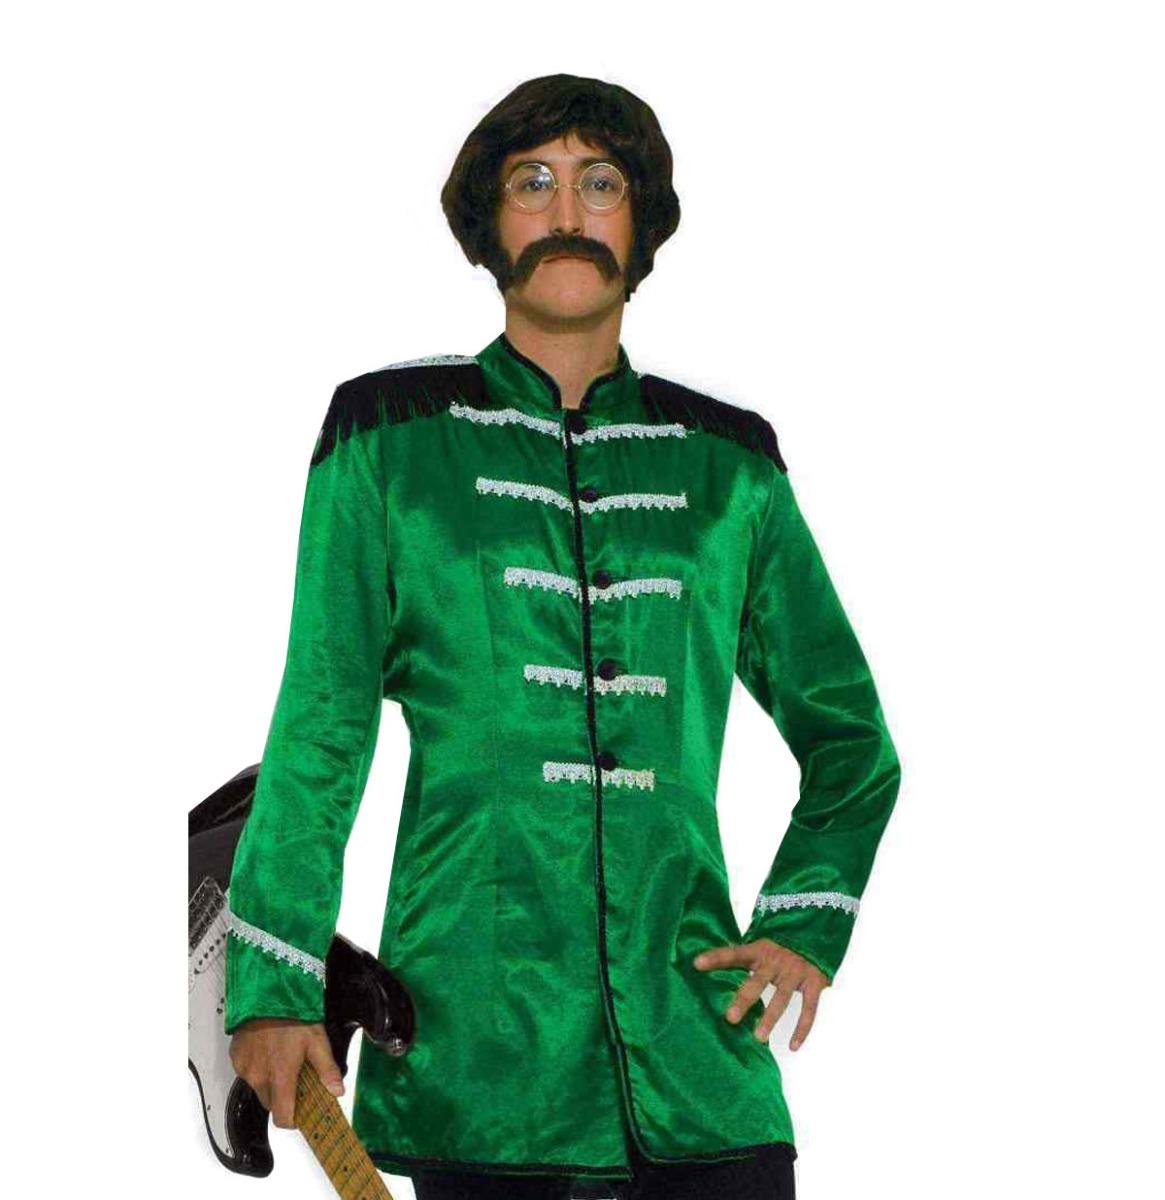 Beatles Jas Sgt Pepper Groen